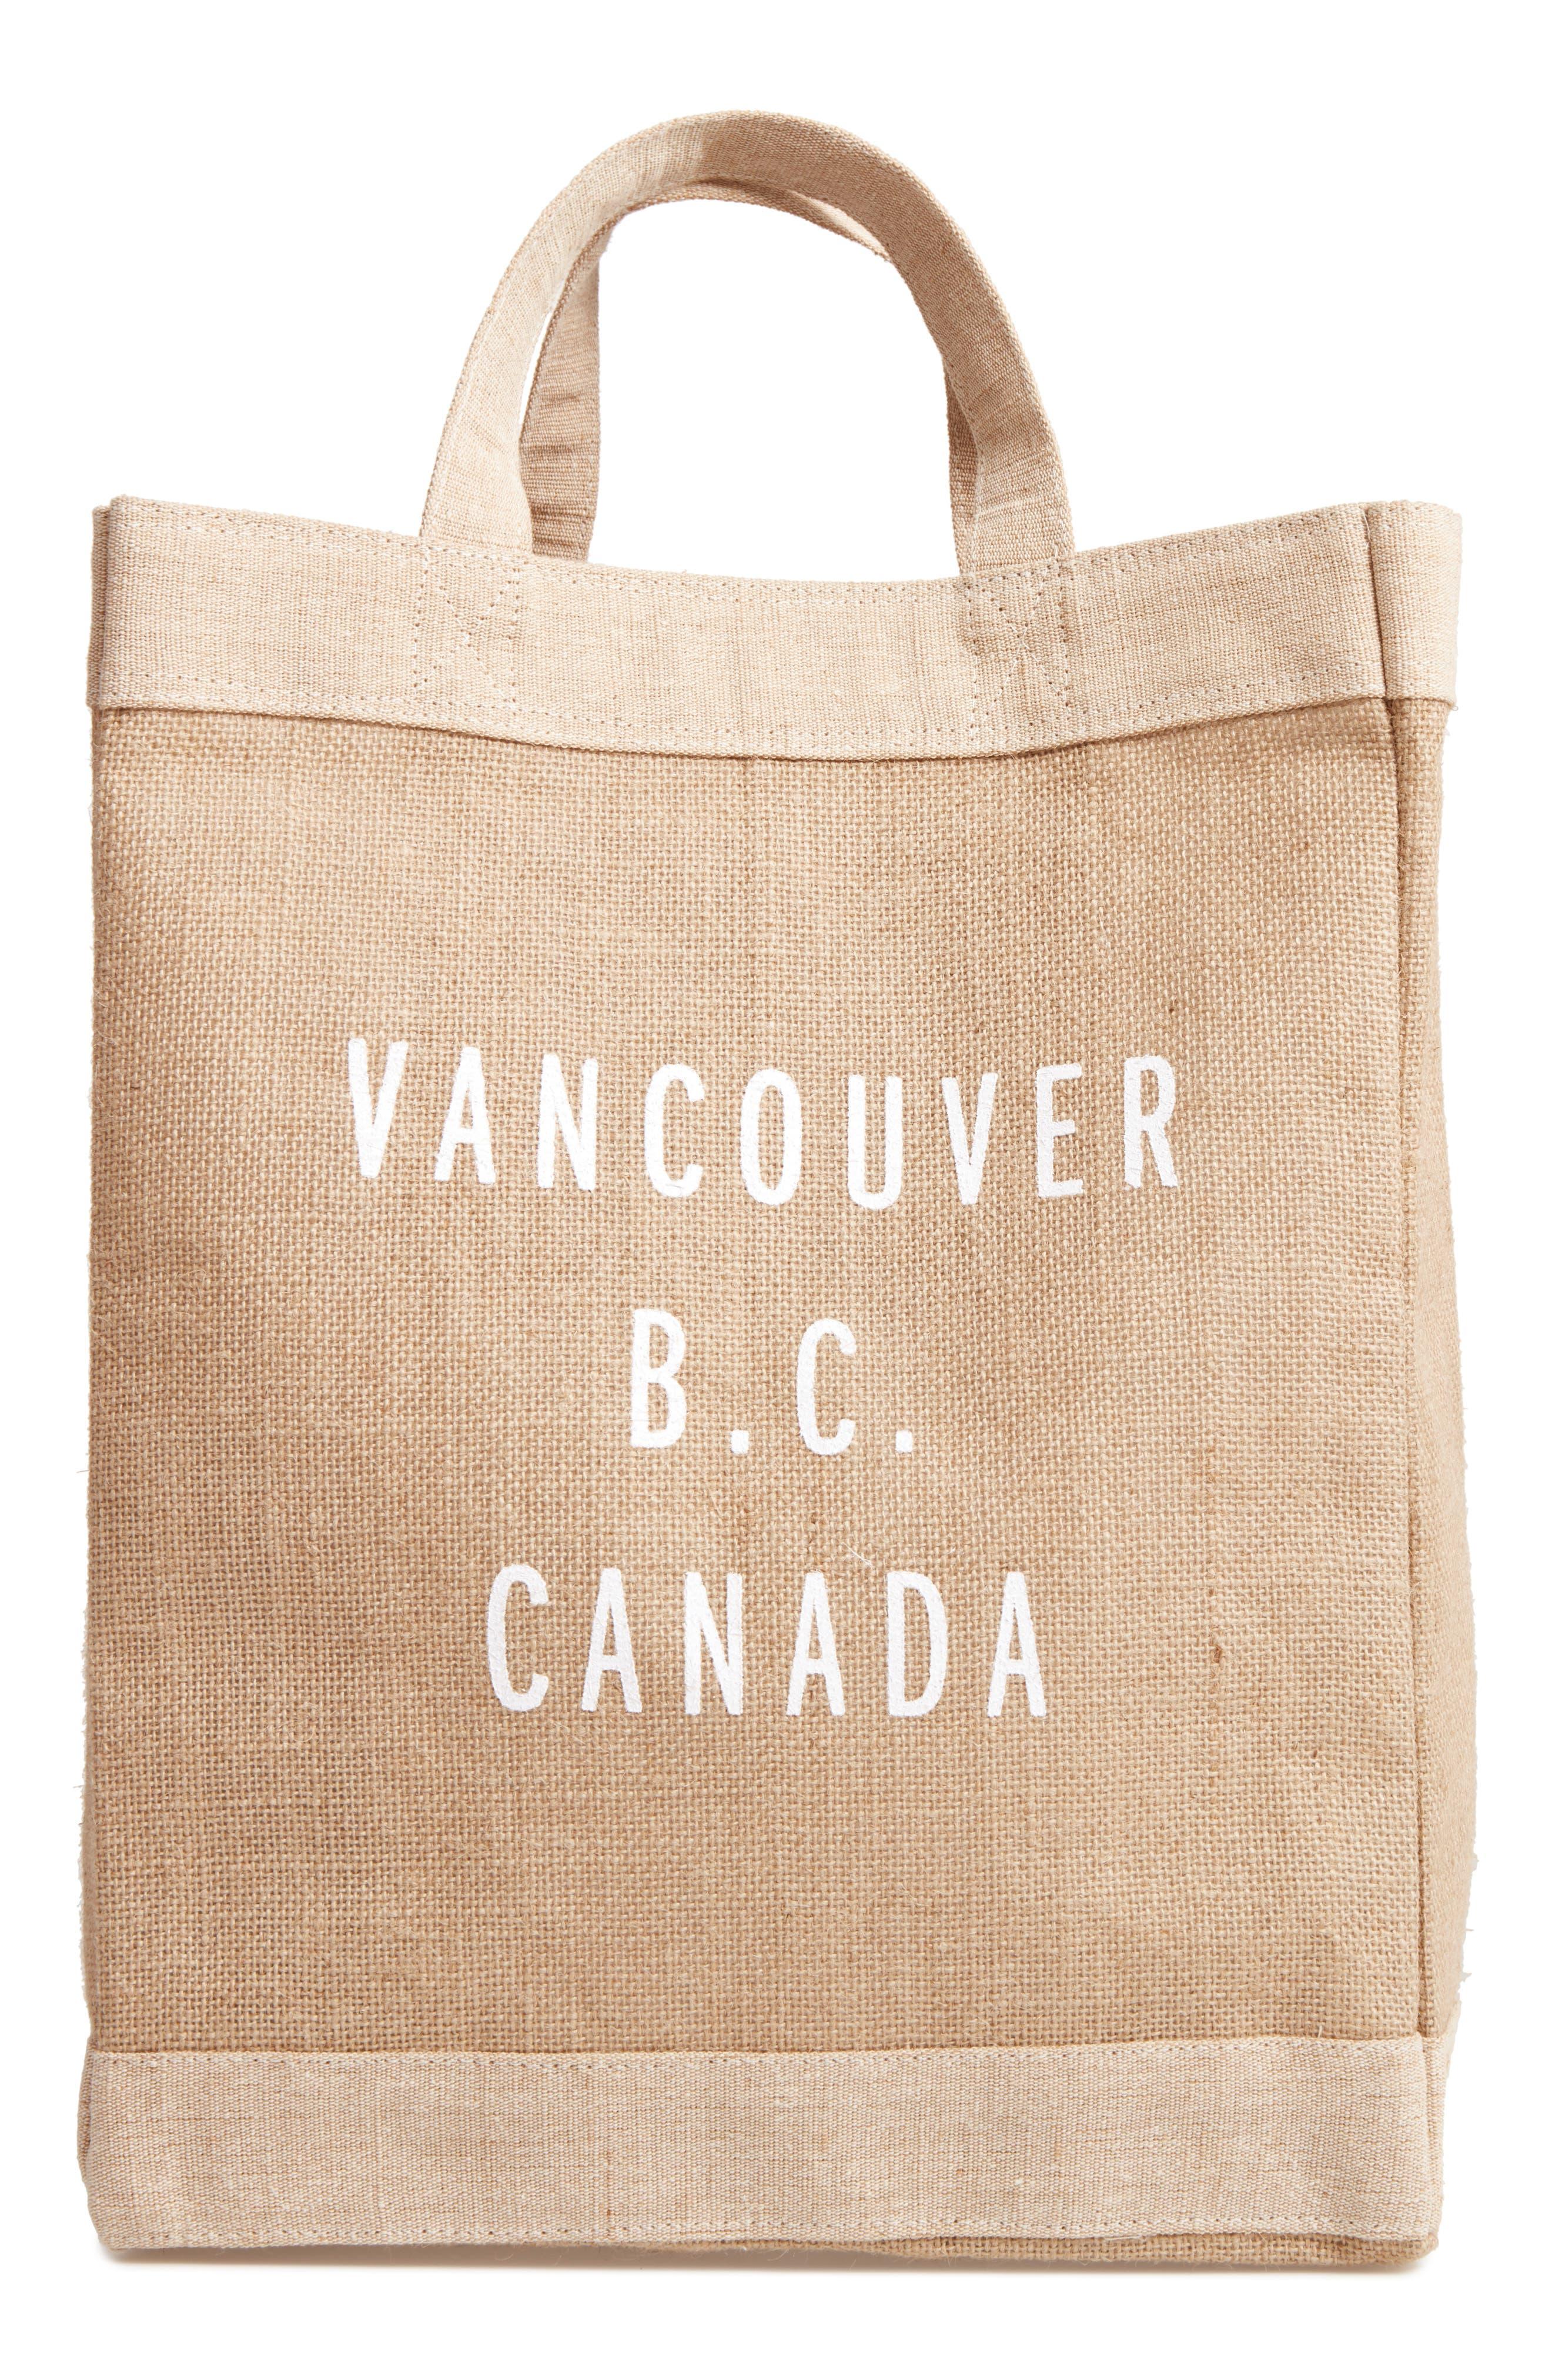 Vancouver Simple Market Bag,                             Main thumbnail 1, color,                             200